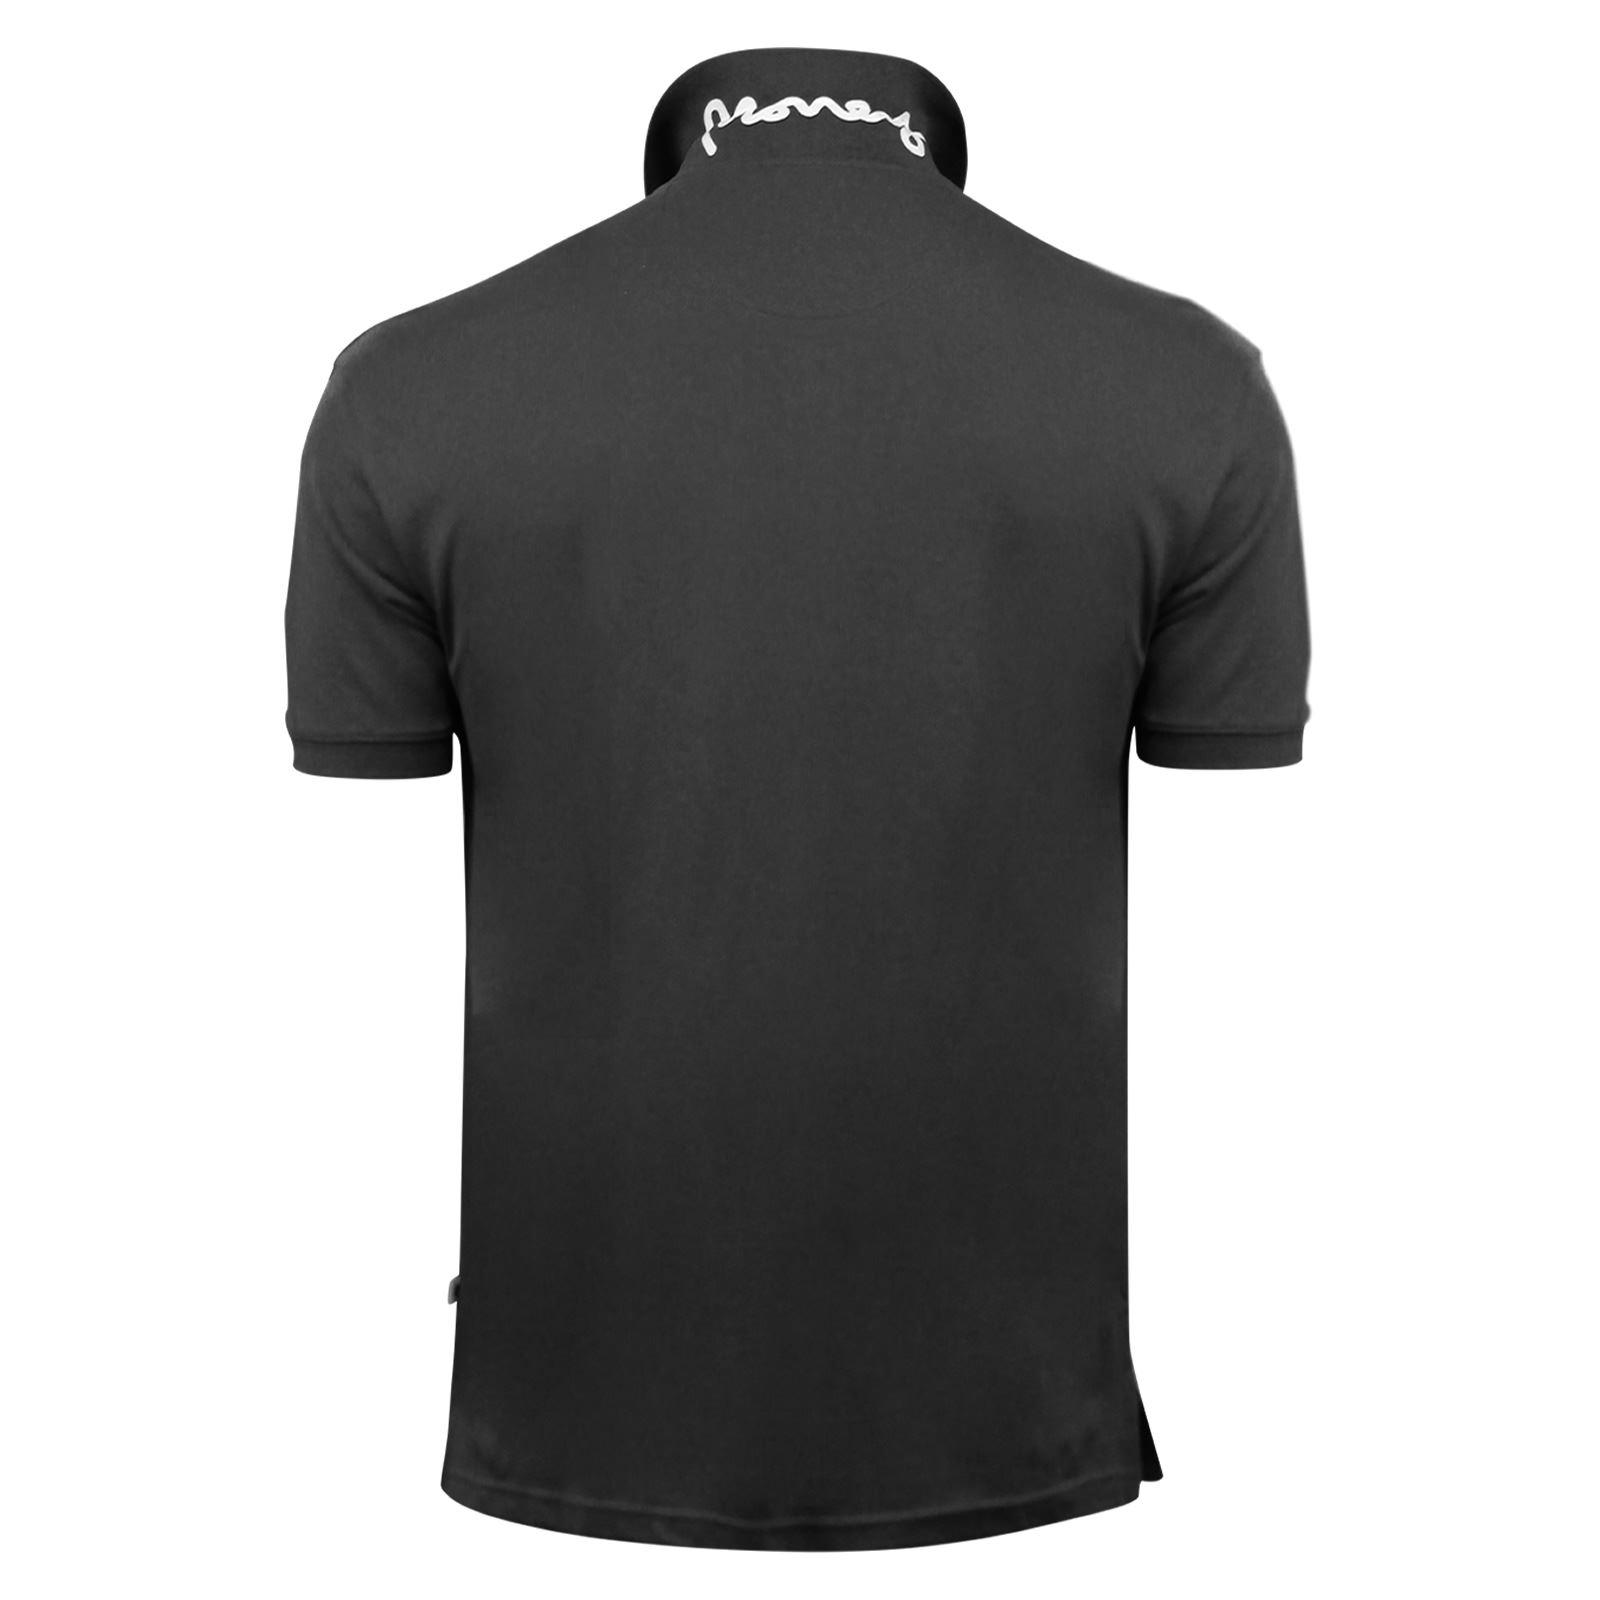 Argent-ante-Homme-Polo-Shirt-a-Manches-Courtes-en-Coton-Col-Haut-Decontracte miniature 5